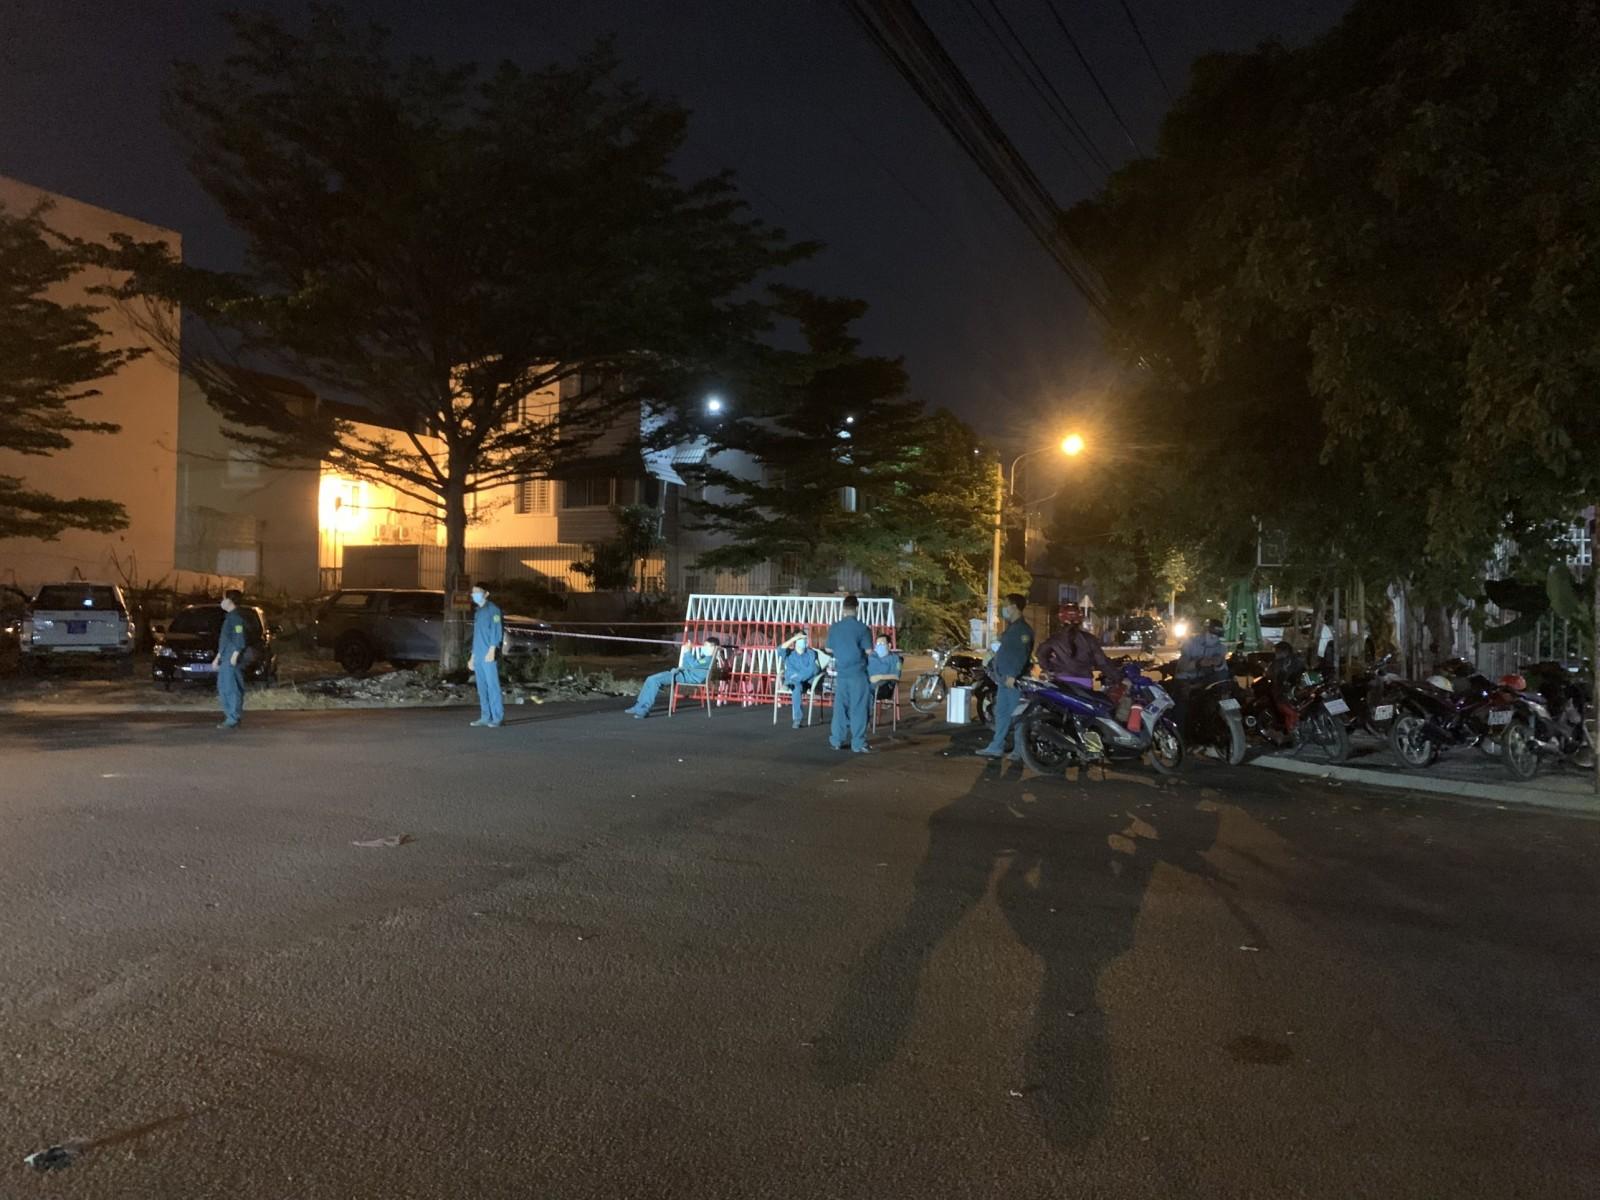 Lực lượng chức năng tỉnh Bình Dương lập chốt, phong tỏa hàng chục hộ dân sinh sống trên đường D35, Khu dân cư Việt Sing. (Ảnh: Báo Bình Dương)